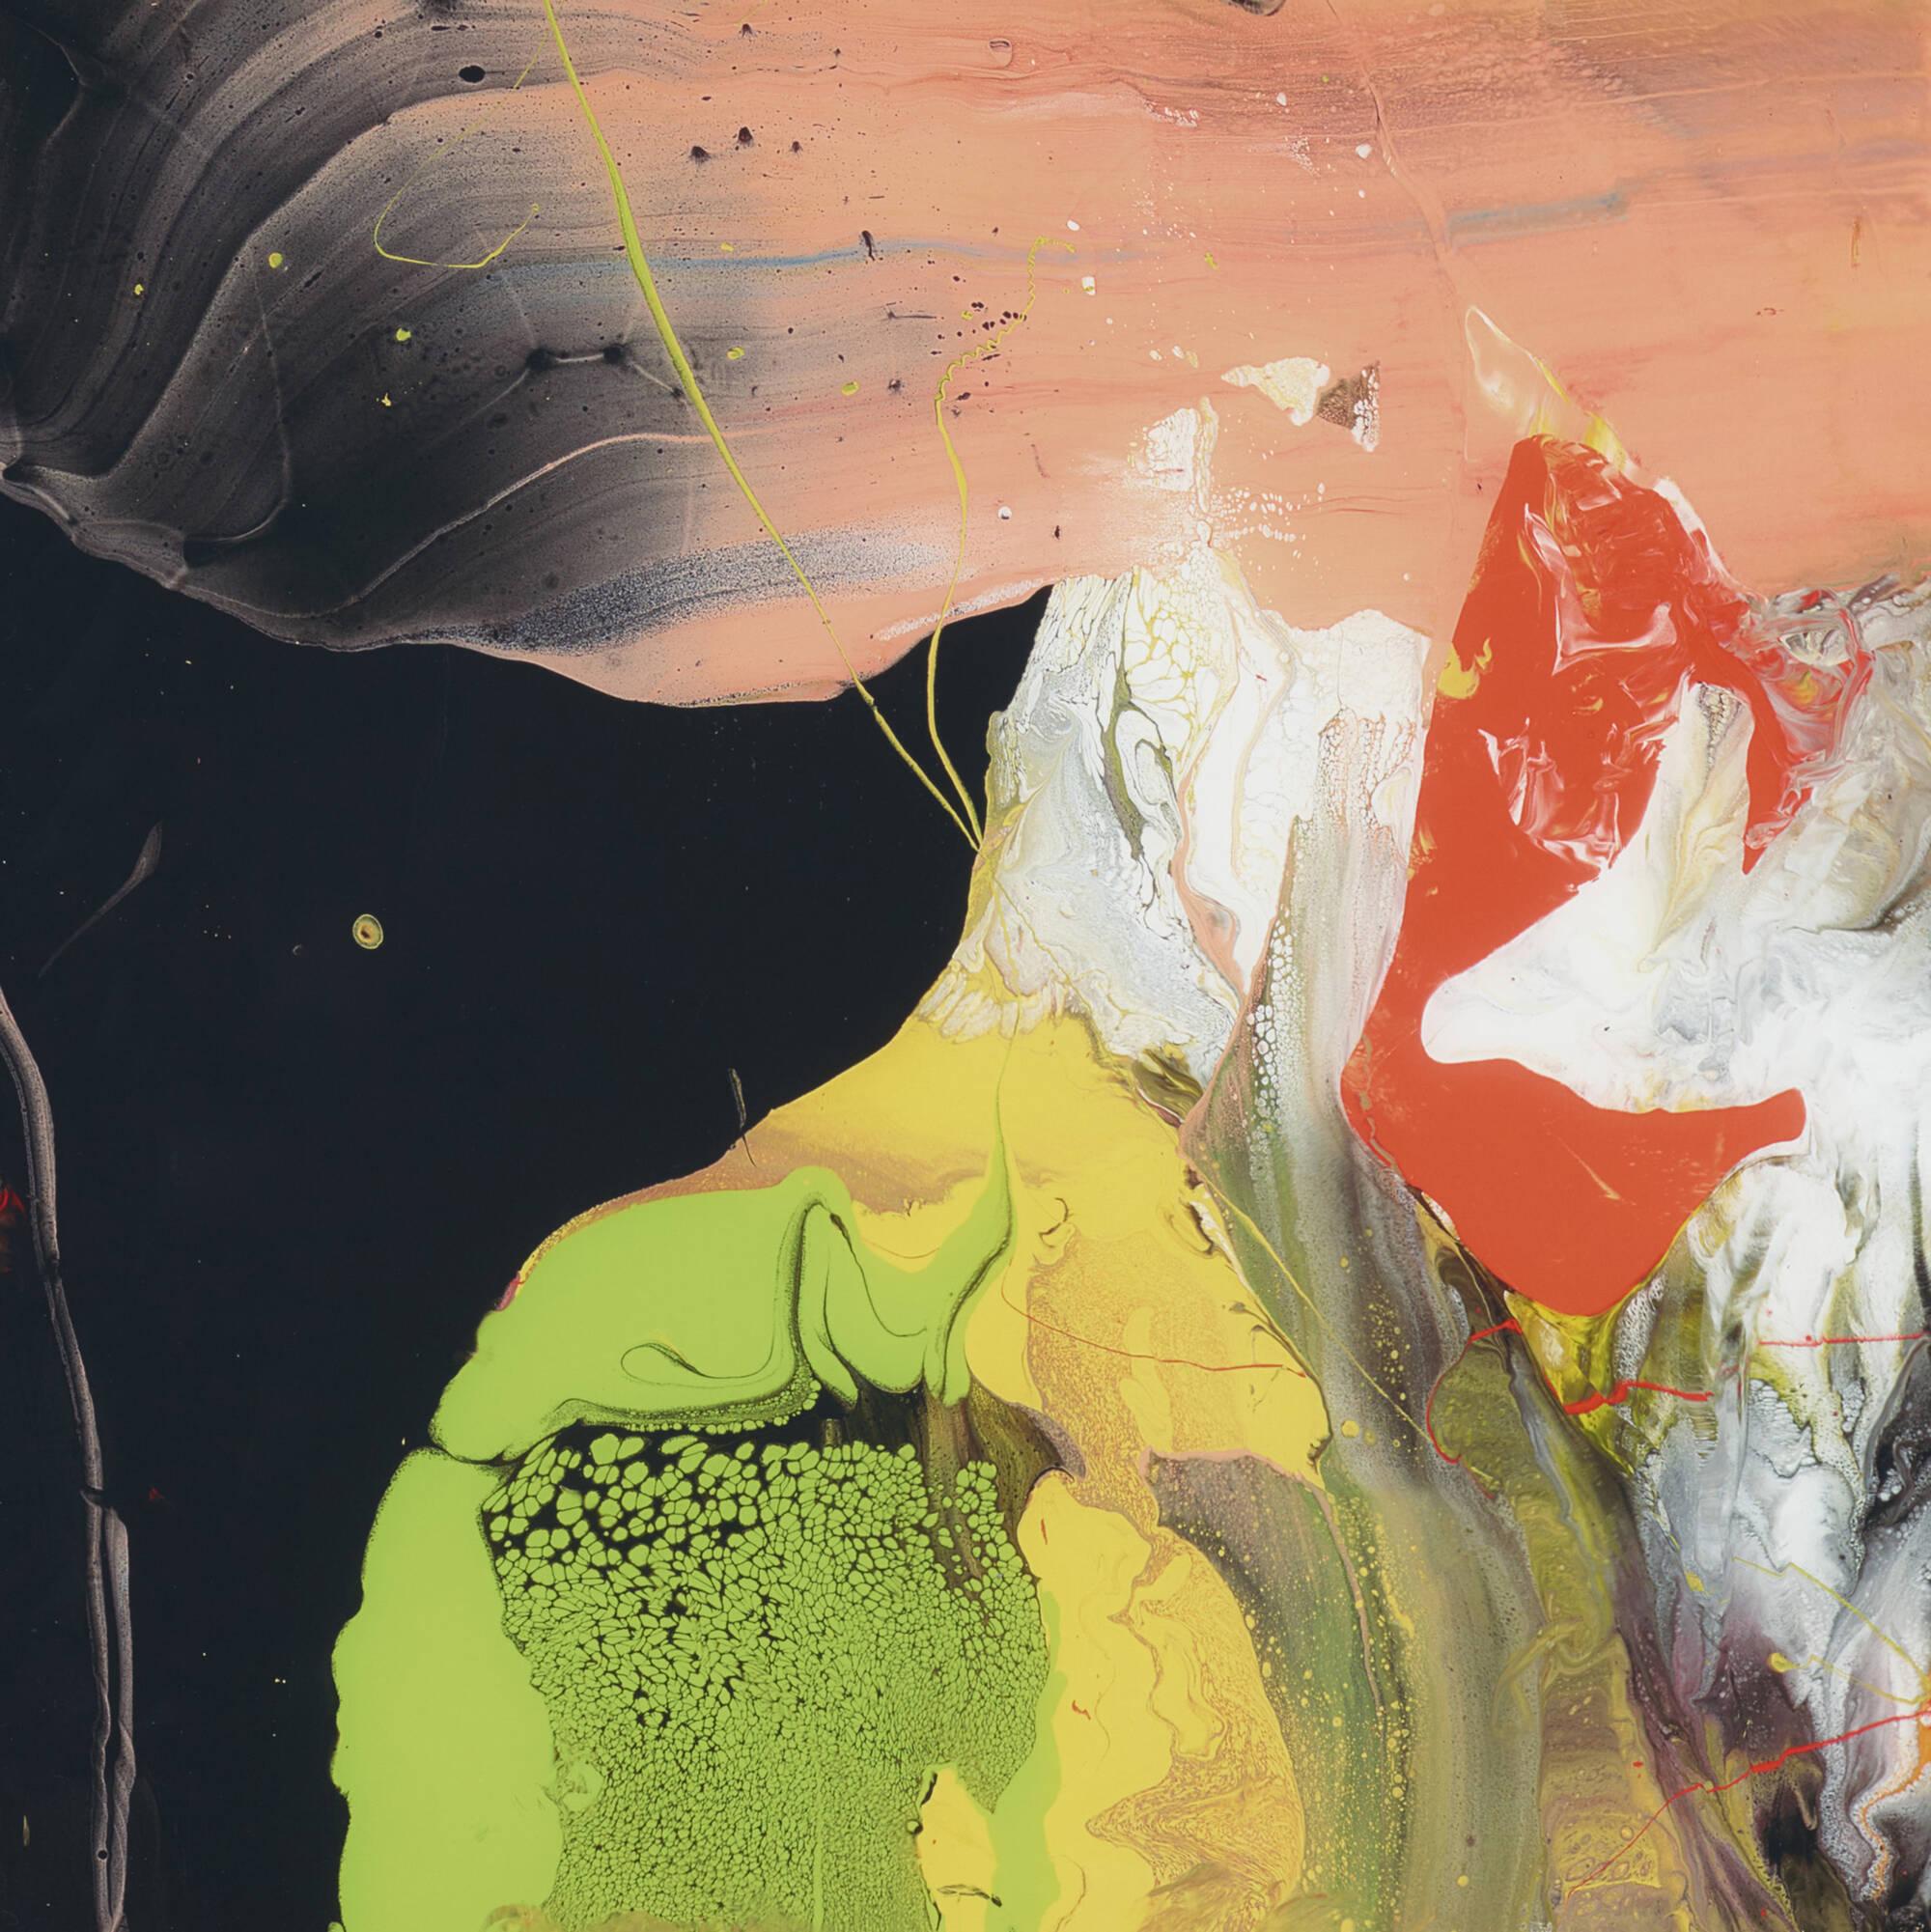 166: Gerhard Richter / Flow (P6) (2 of 2)